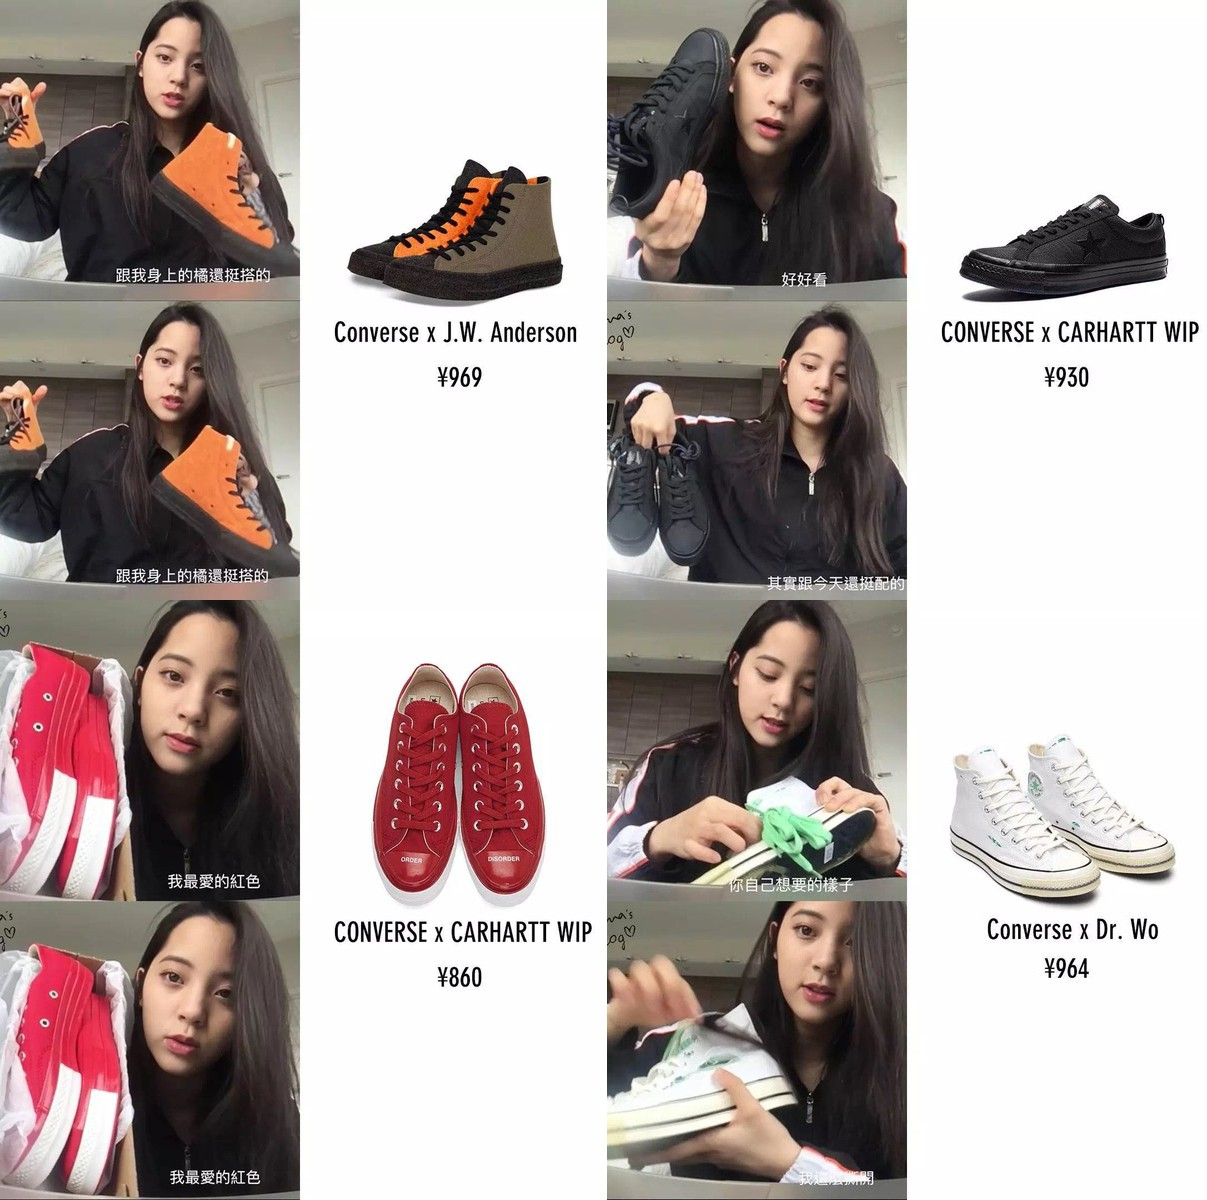 Vẫn biết Âu Dương Na Na giàu nhưng không ngờ cô còn sở hữu tủ sneakers đáng ngưỡng mộ - Ảnh 8.